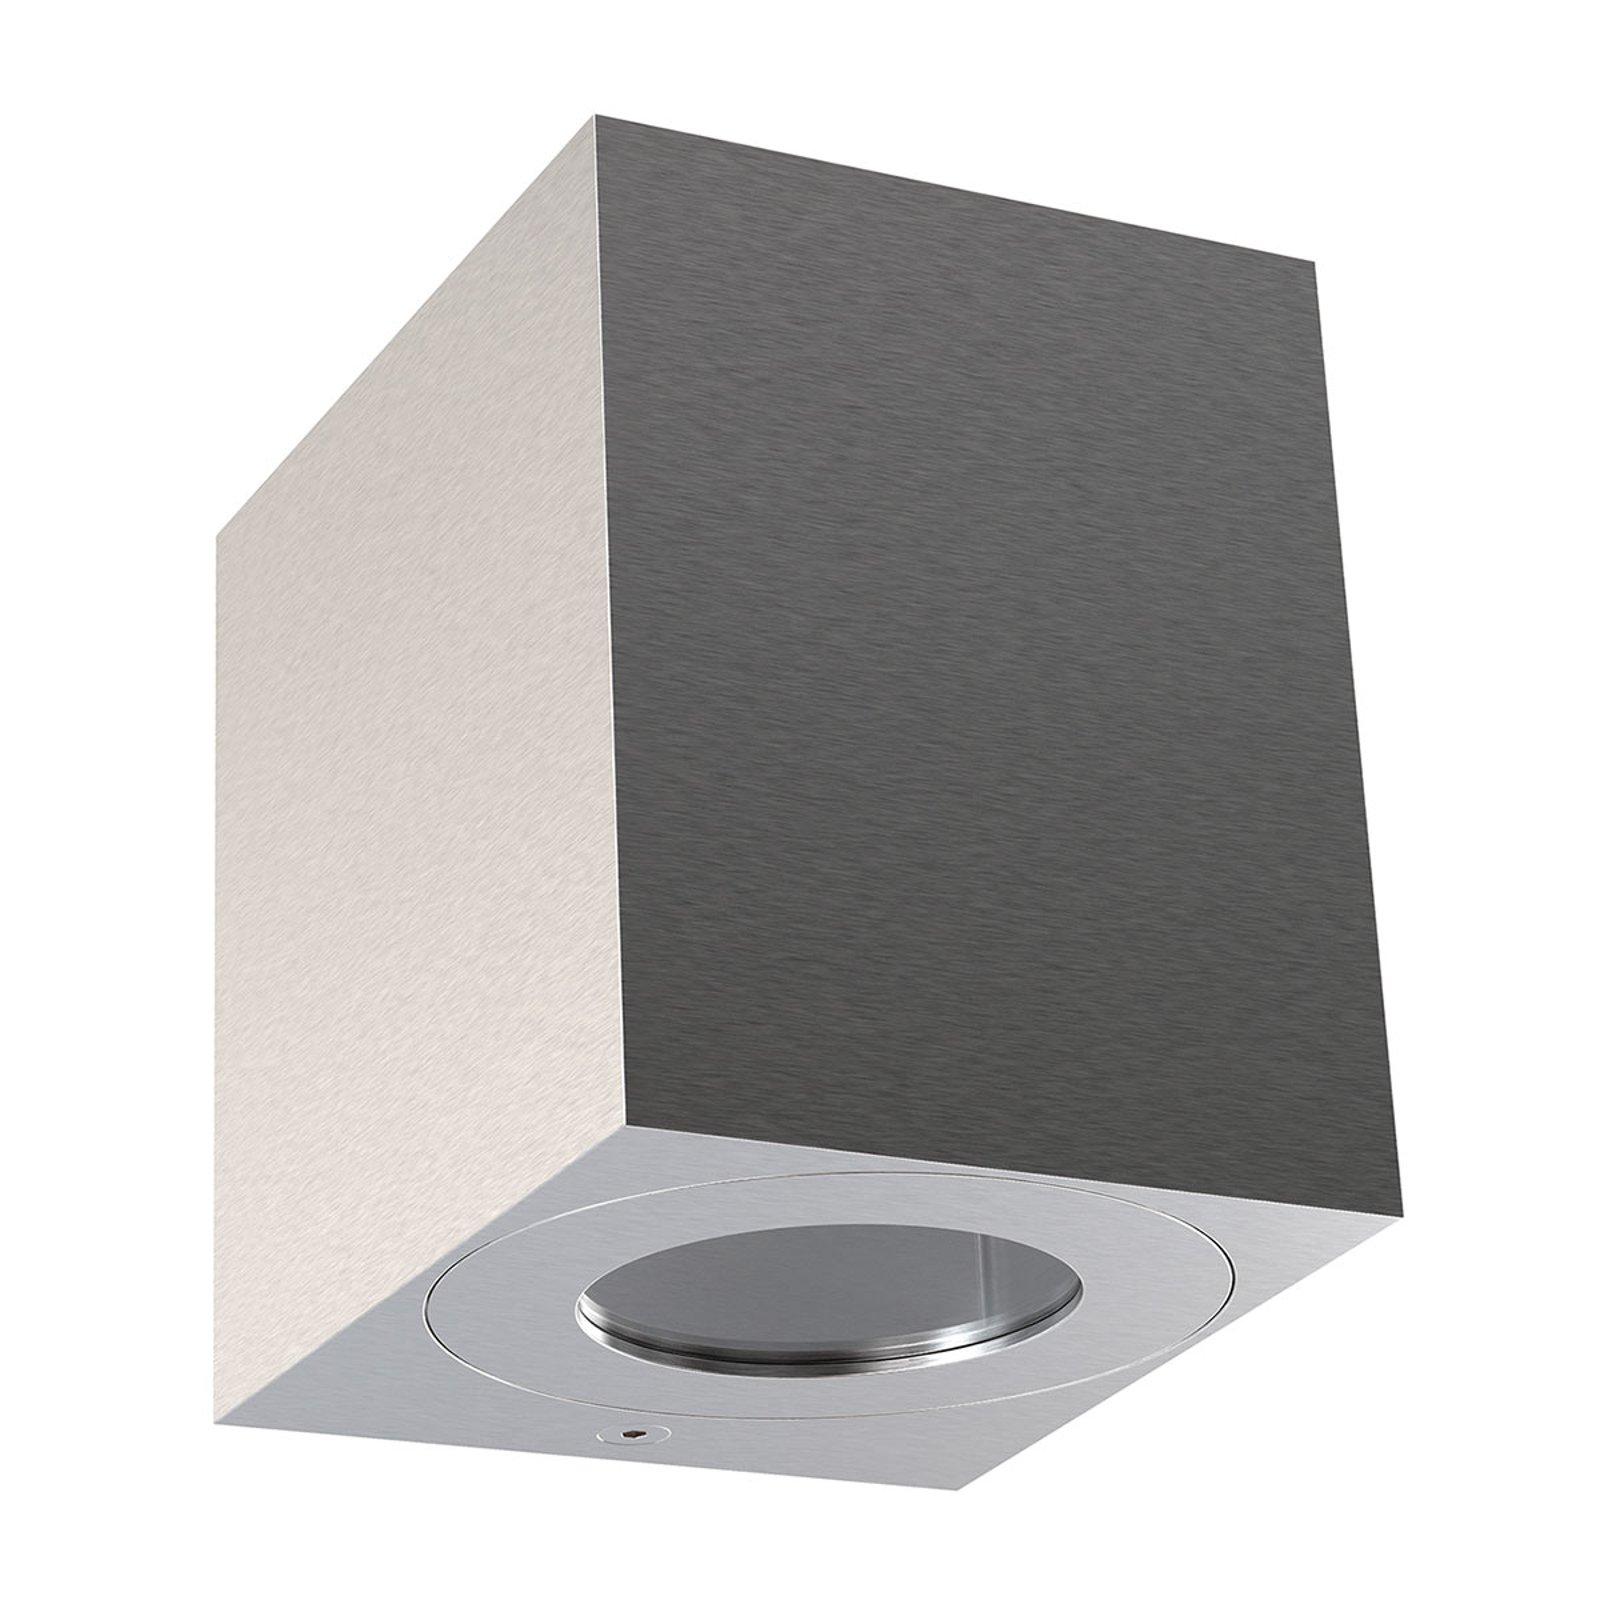 LED-utevegglampe Canto Kubi 2 10 cm rustfritt stål